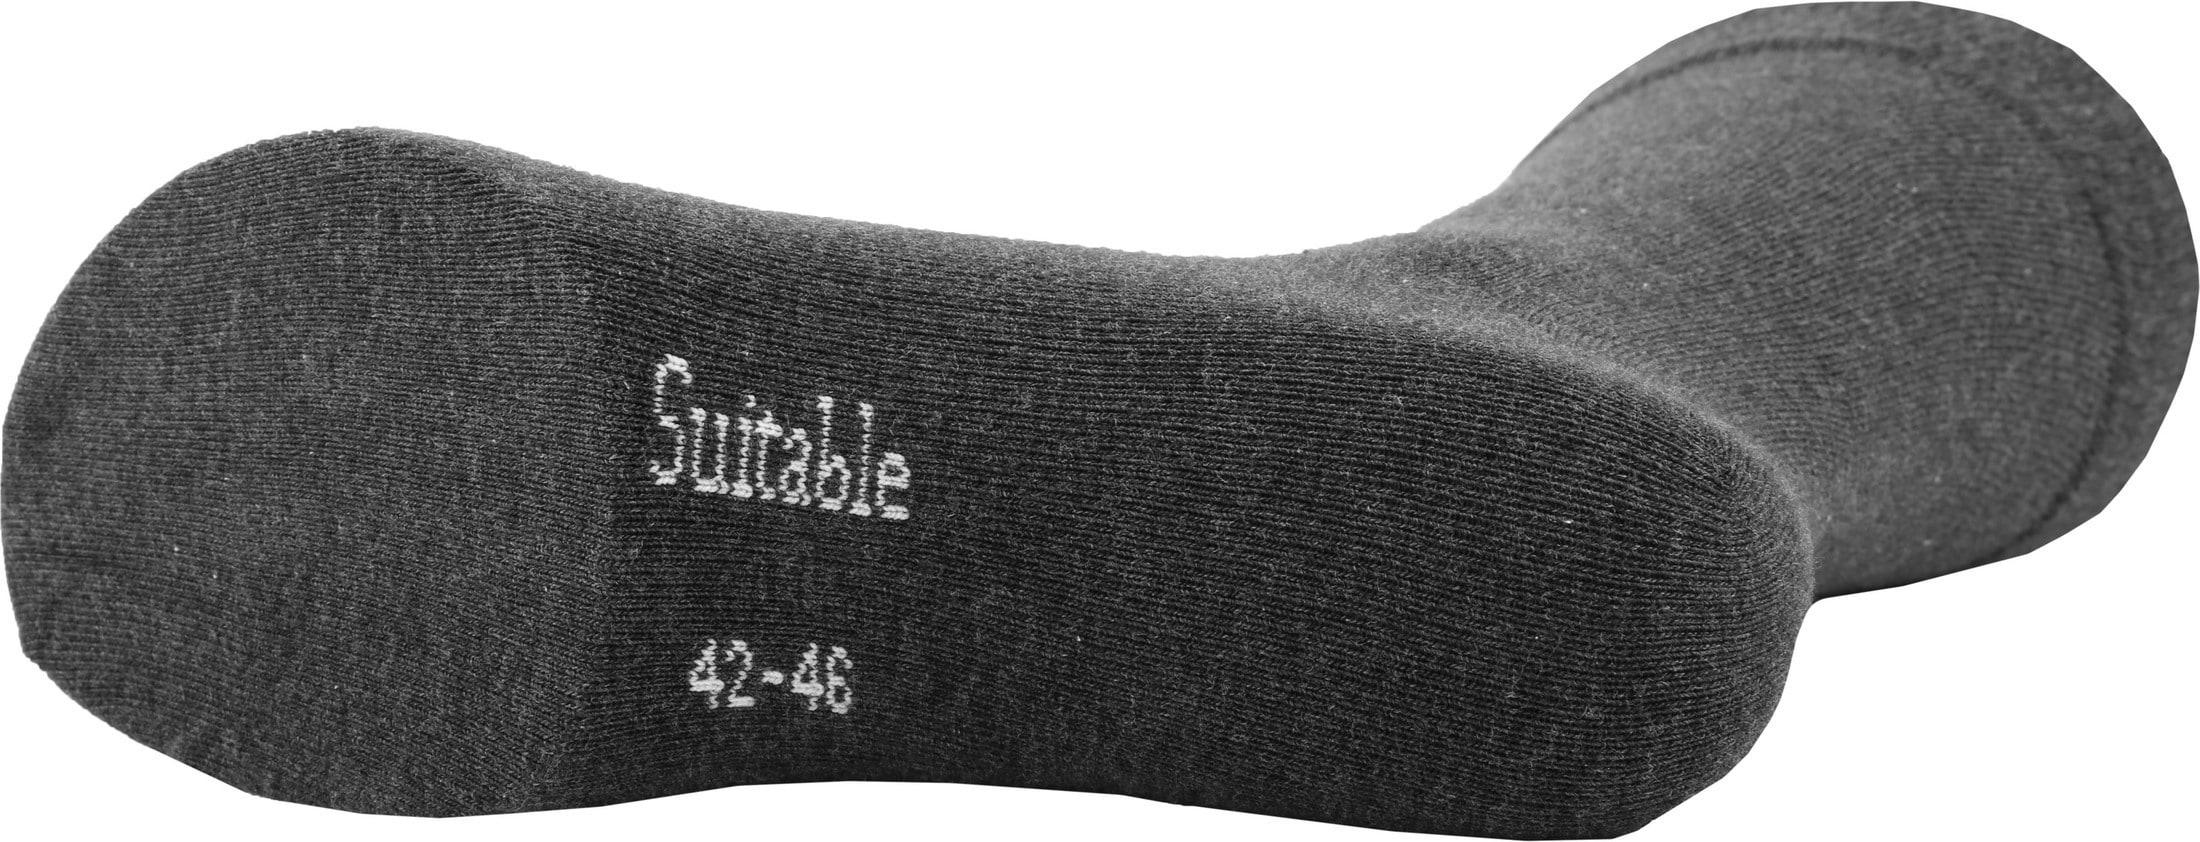 Suitable Bio Katoen Sokken Donkergrijs 6-Pack foto 3